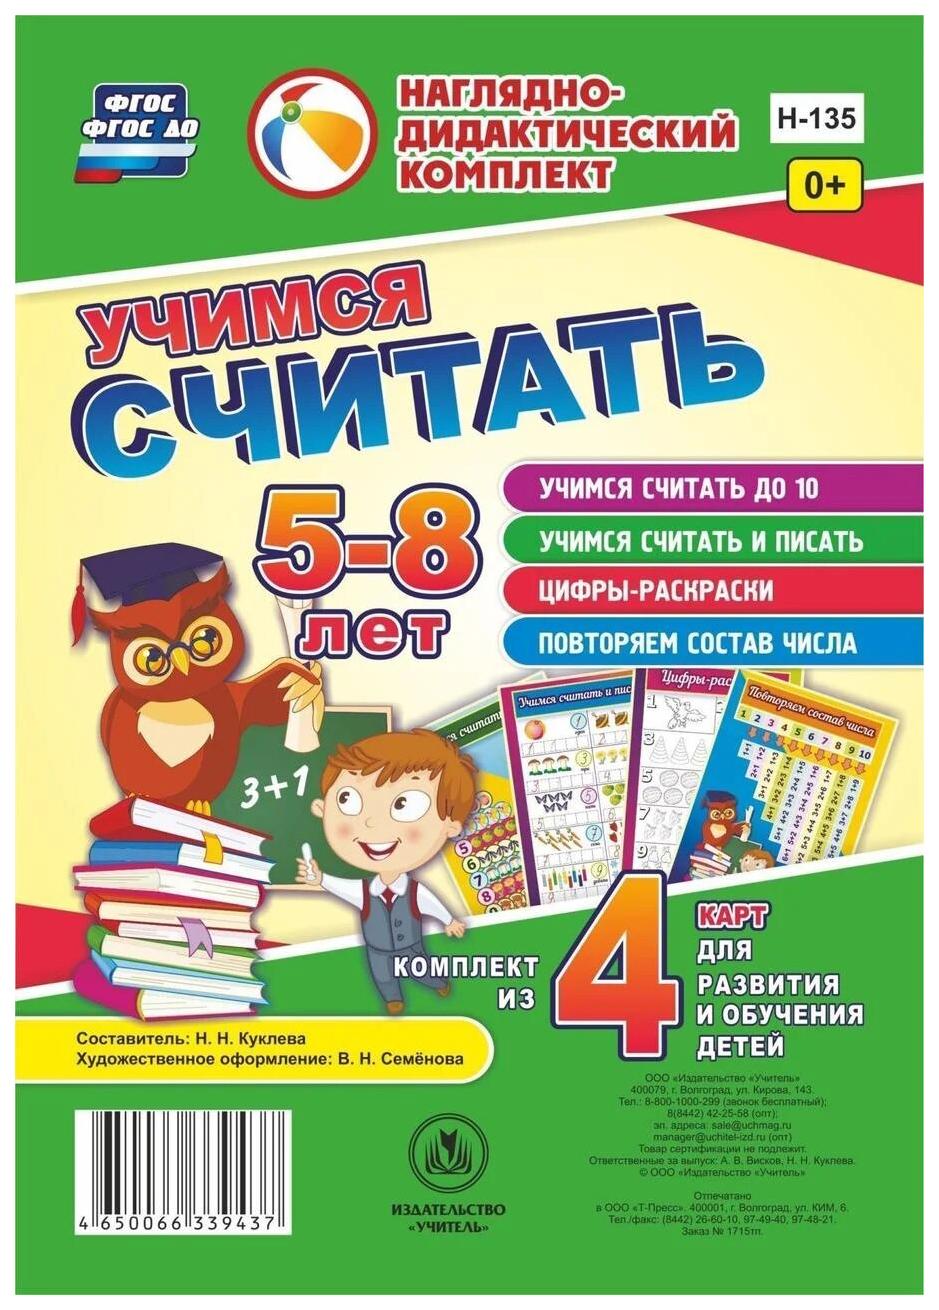 Учимся считать: комплект из 4 карт для развития и обучения детей 5-8 лет